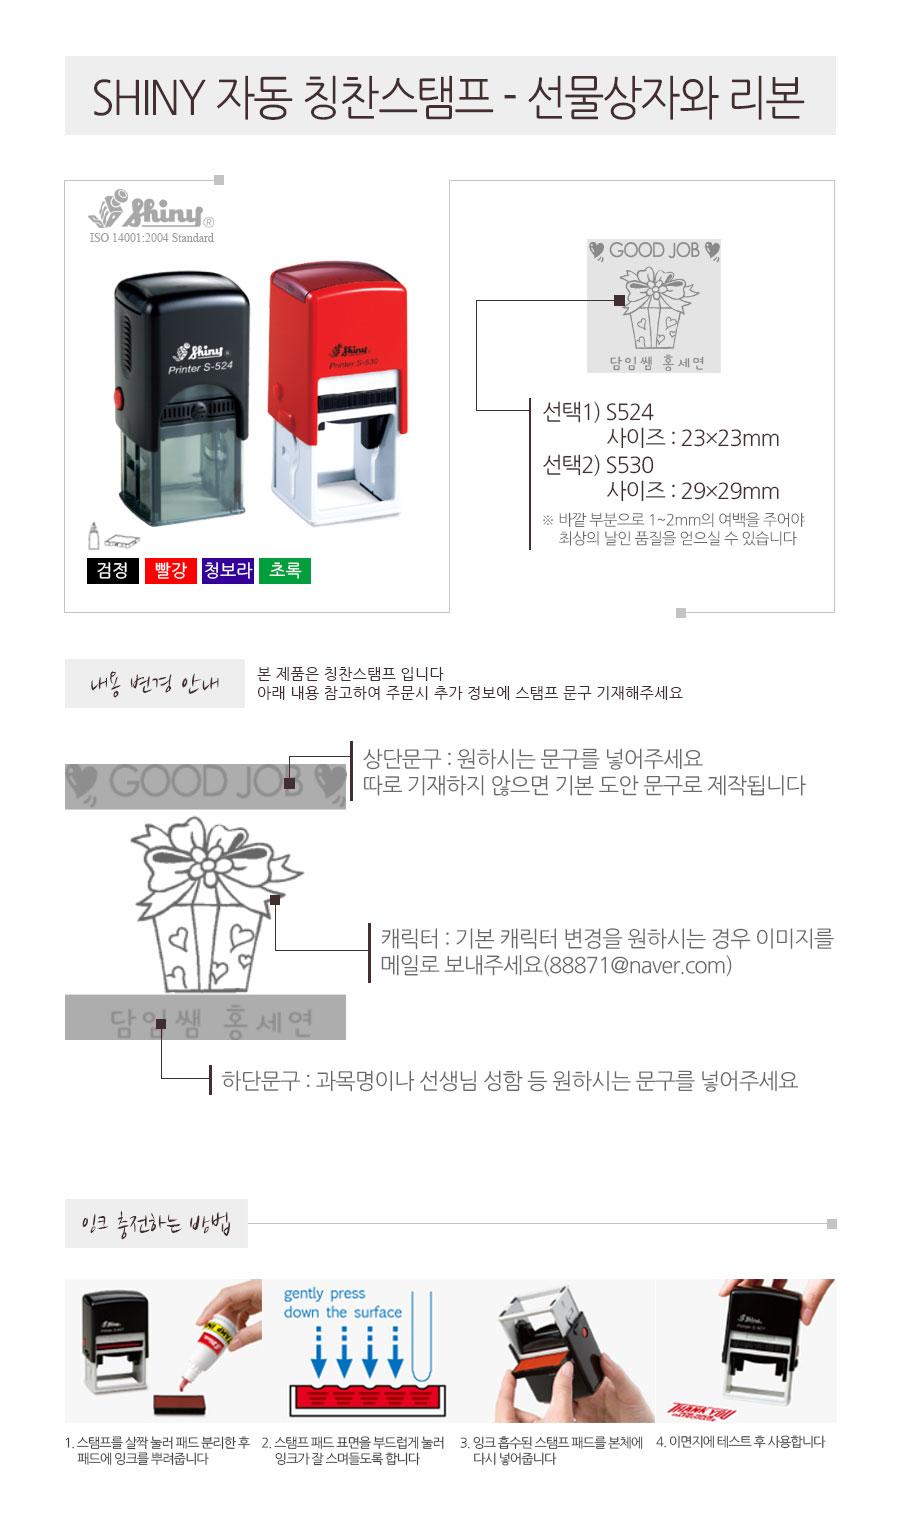 주문제작 칭찬스탬프 선생님스탬프 선물상자와리본 - 고무인닷컴, 16,500원, 스탬프, 주문제작스탬프